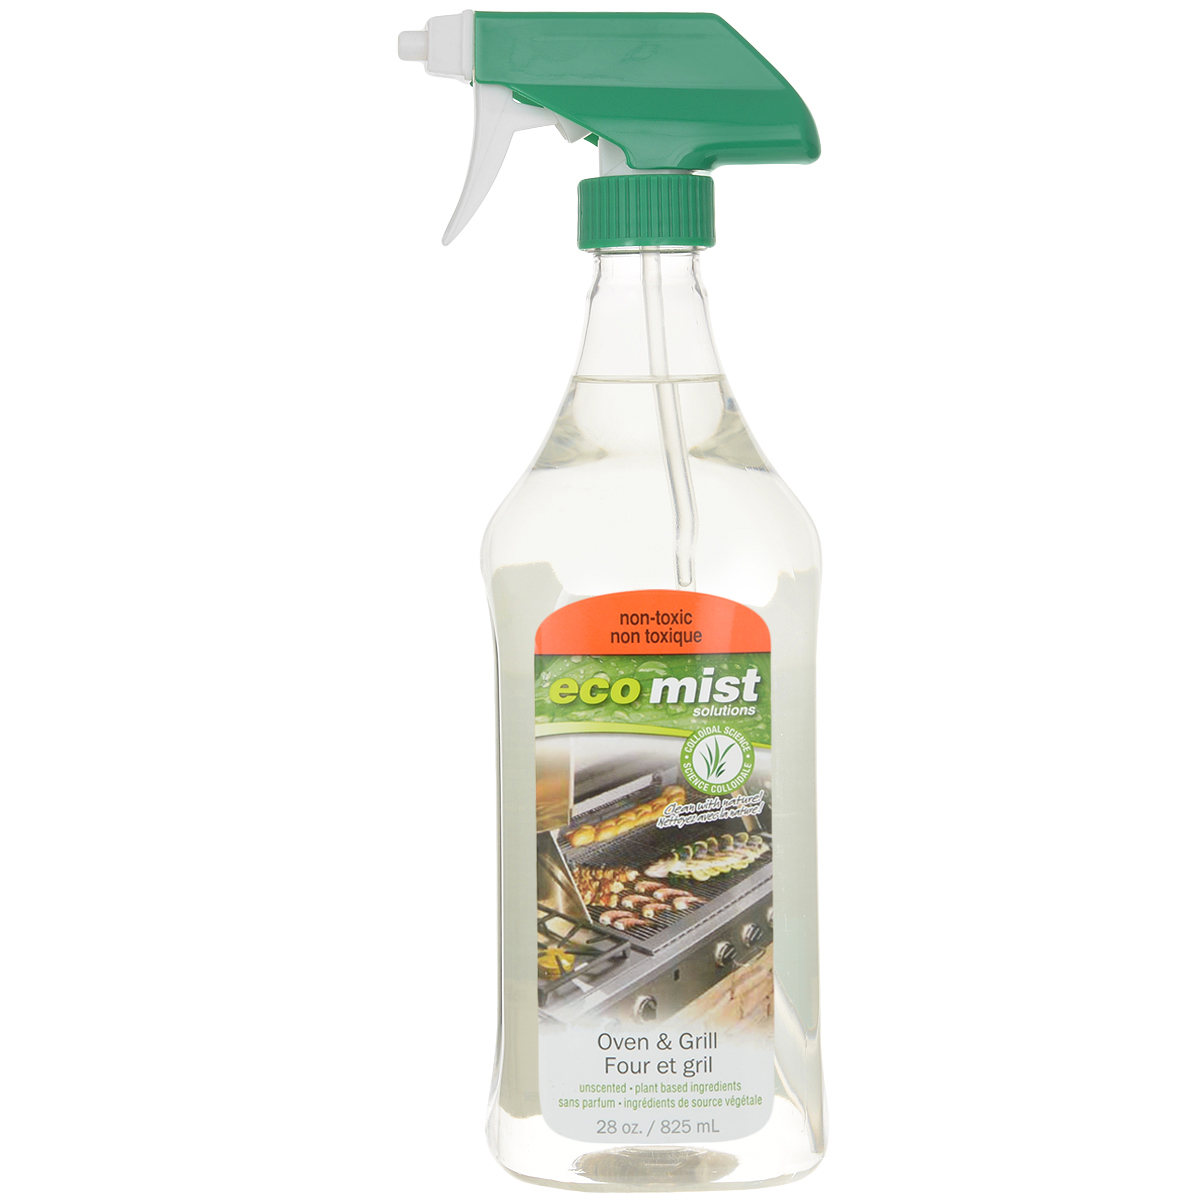 Средство для очистки духовок и гриля Eco Mist, 825 млEM825XXOGTR06EFLСредство Eco Mist нового поколения эффективно справляется с нагаром, жиром и неприятным запахом, который остается после приготовления пищи на гриле или в духовке. Без запаха. Не токсично. Безвредно.Состав: дехлорированная вода, зерновые, кукуруза, кокос, древесный сок.